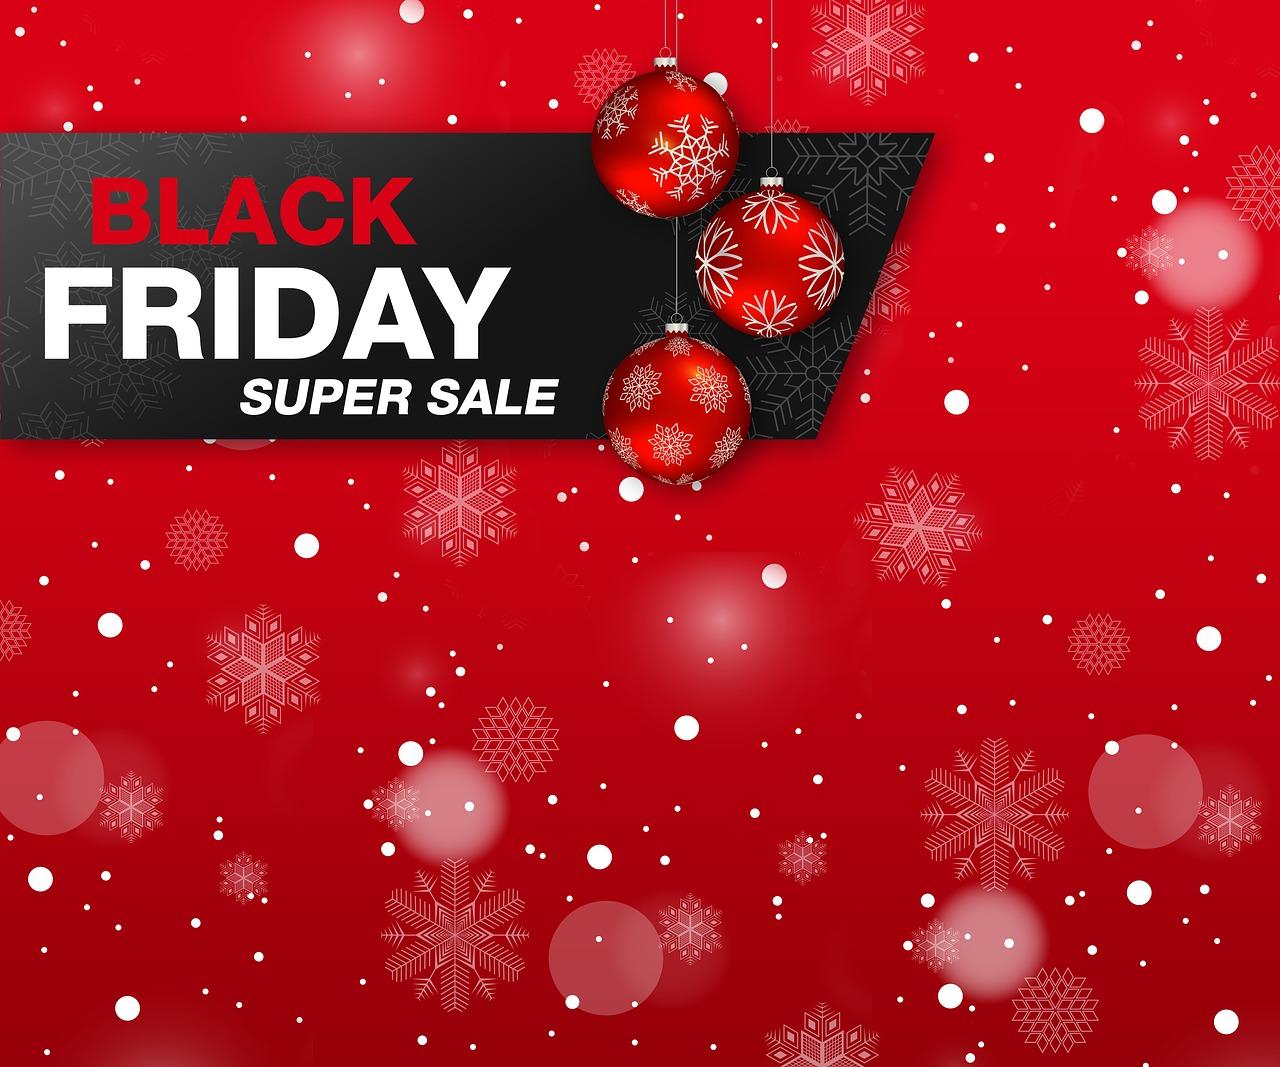 Black Friday Christmas Free Image On Pixabay